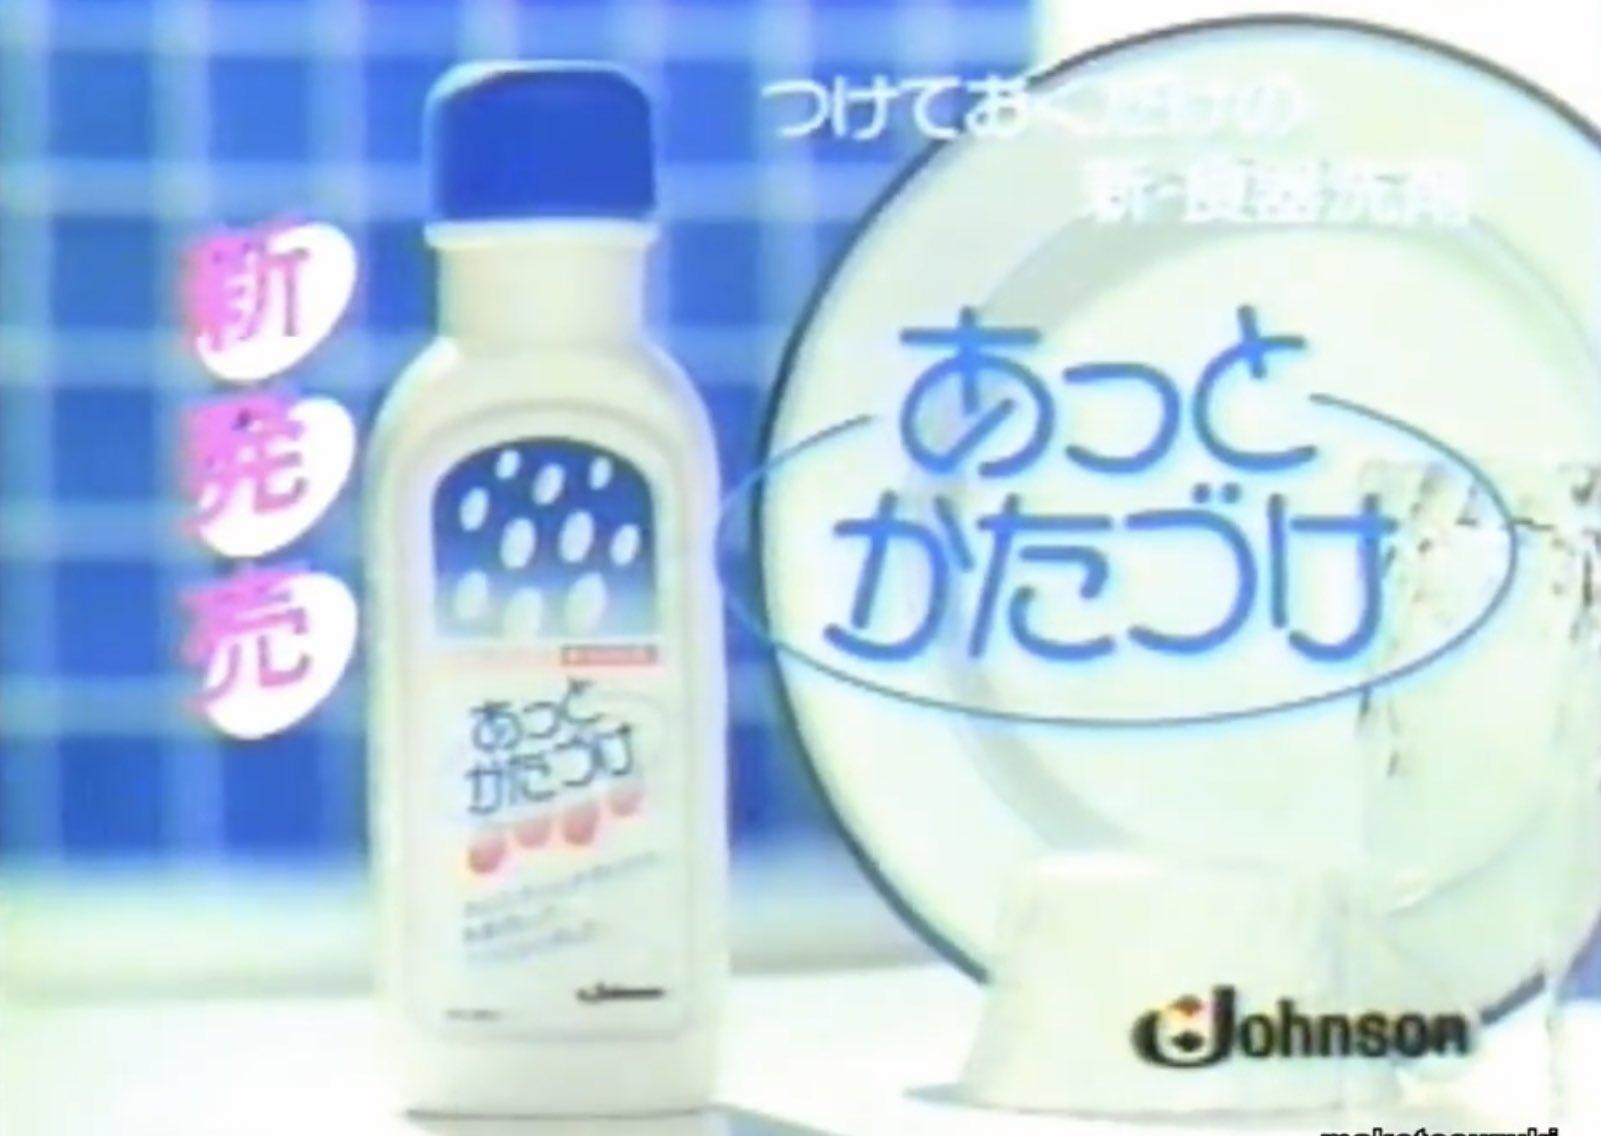 ジョンソンのつけておくだけの食器洗い洗剤「あっとかたづけ」の再販が望まれる…